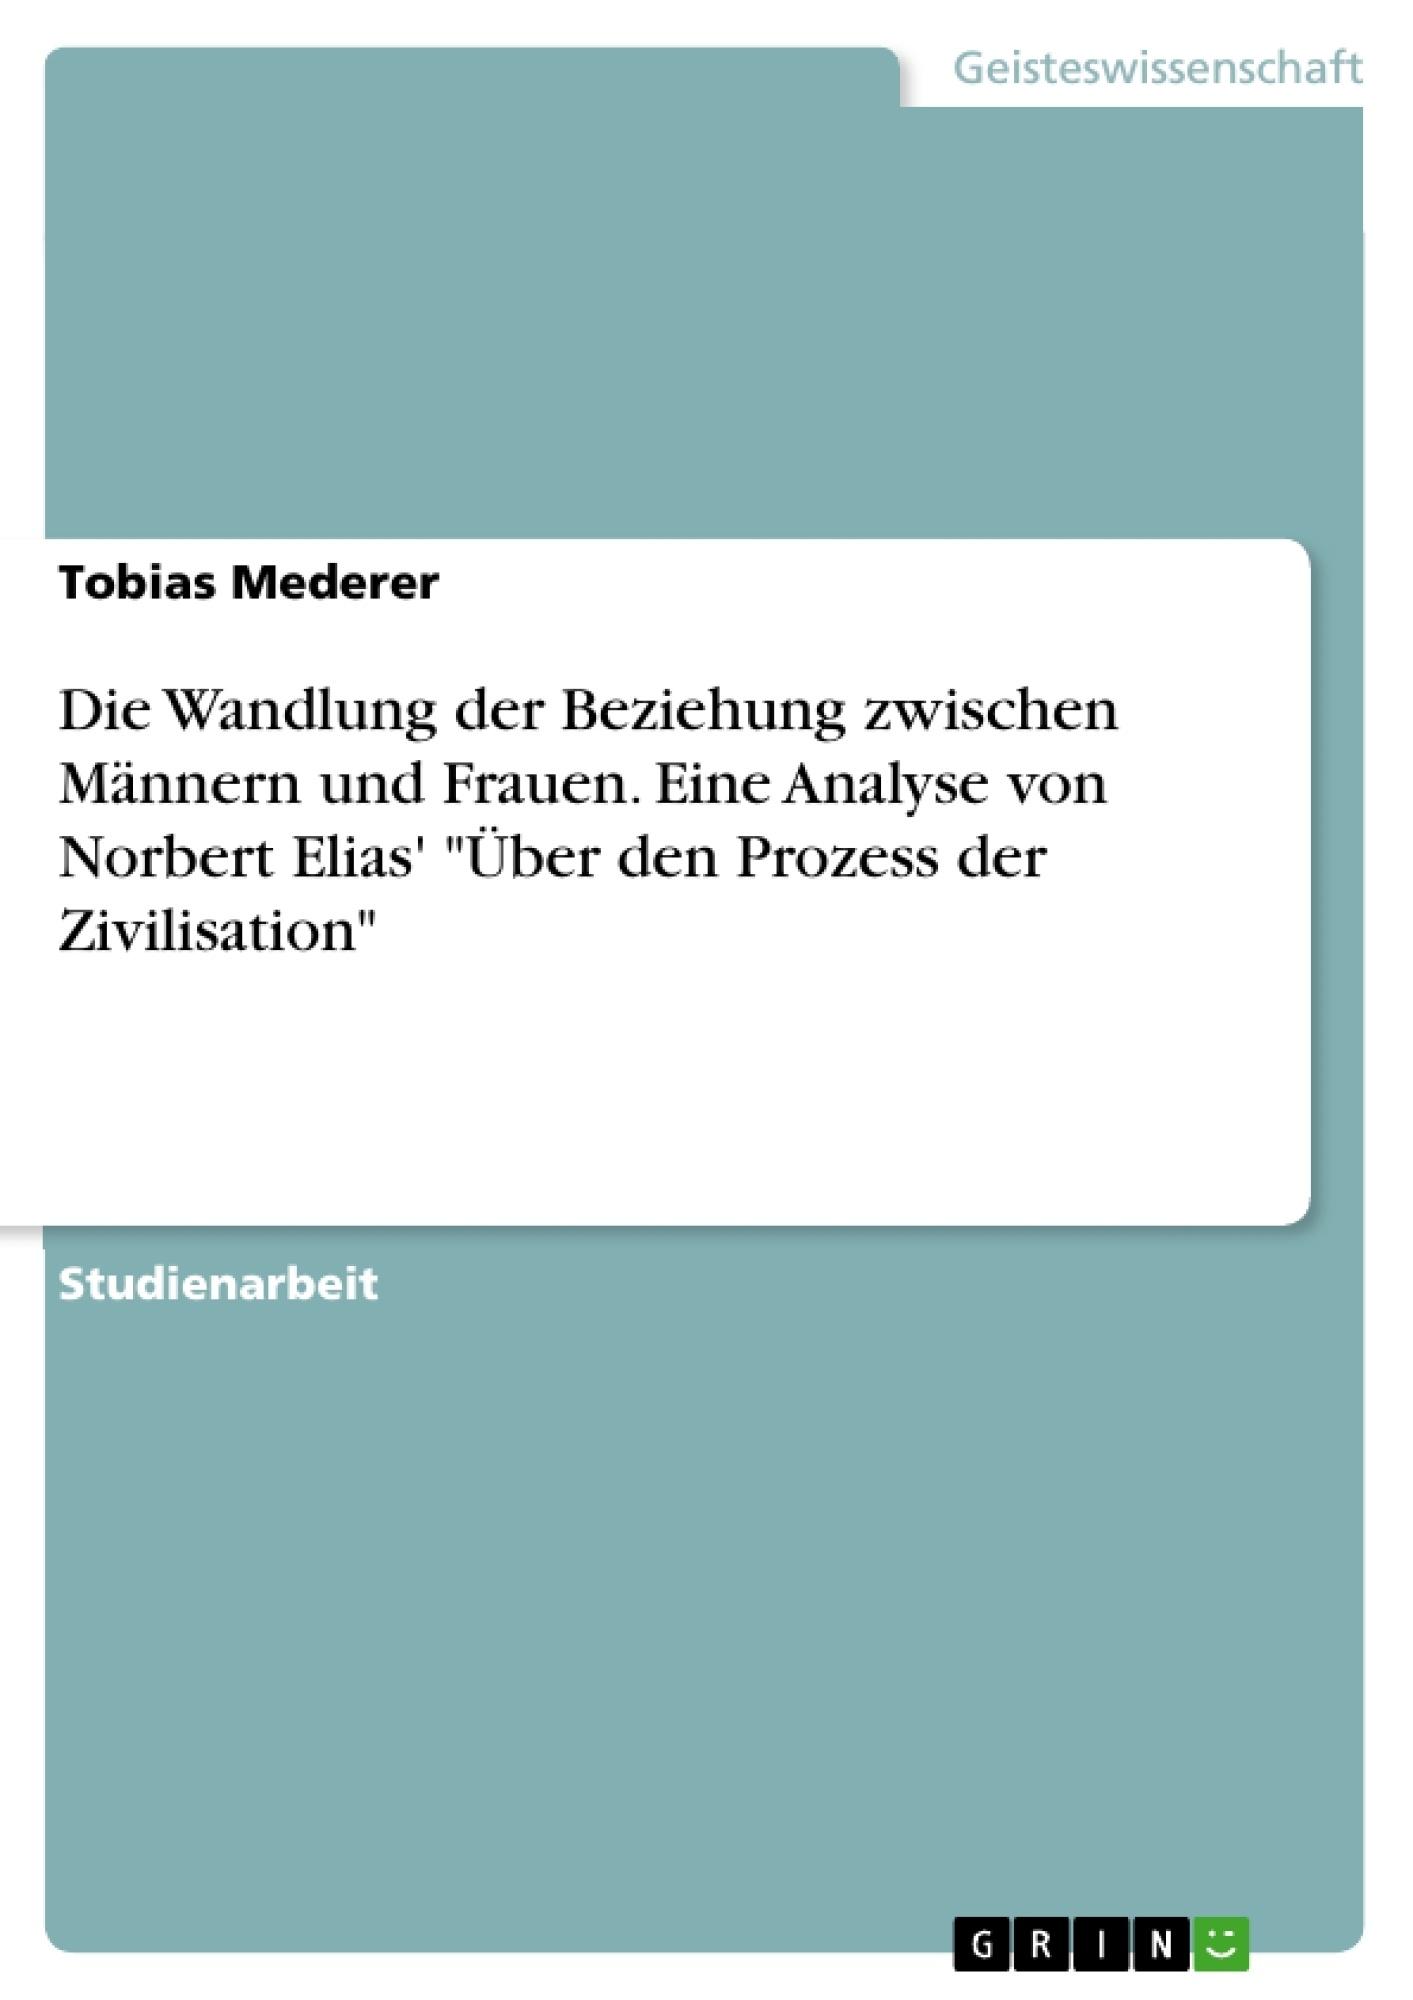 """Titel: Die Wandlung der Beziehung zwischen Männern und Frauen. Eine Analyse von Norbert Elias' """"Über den Prozess der Zivilisation"""""""